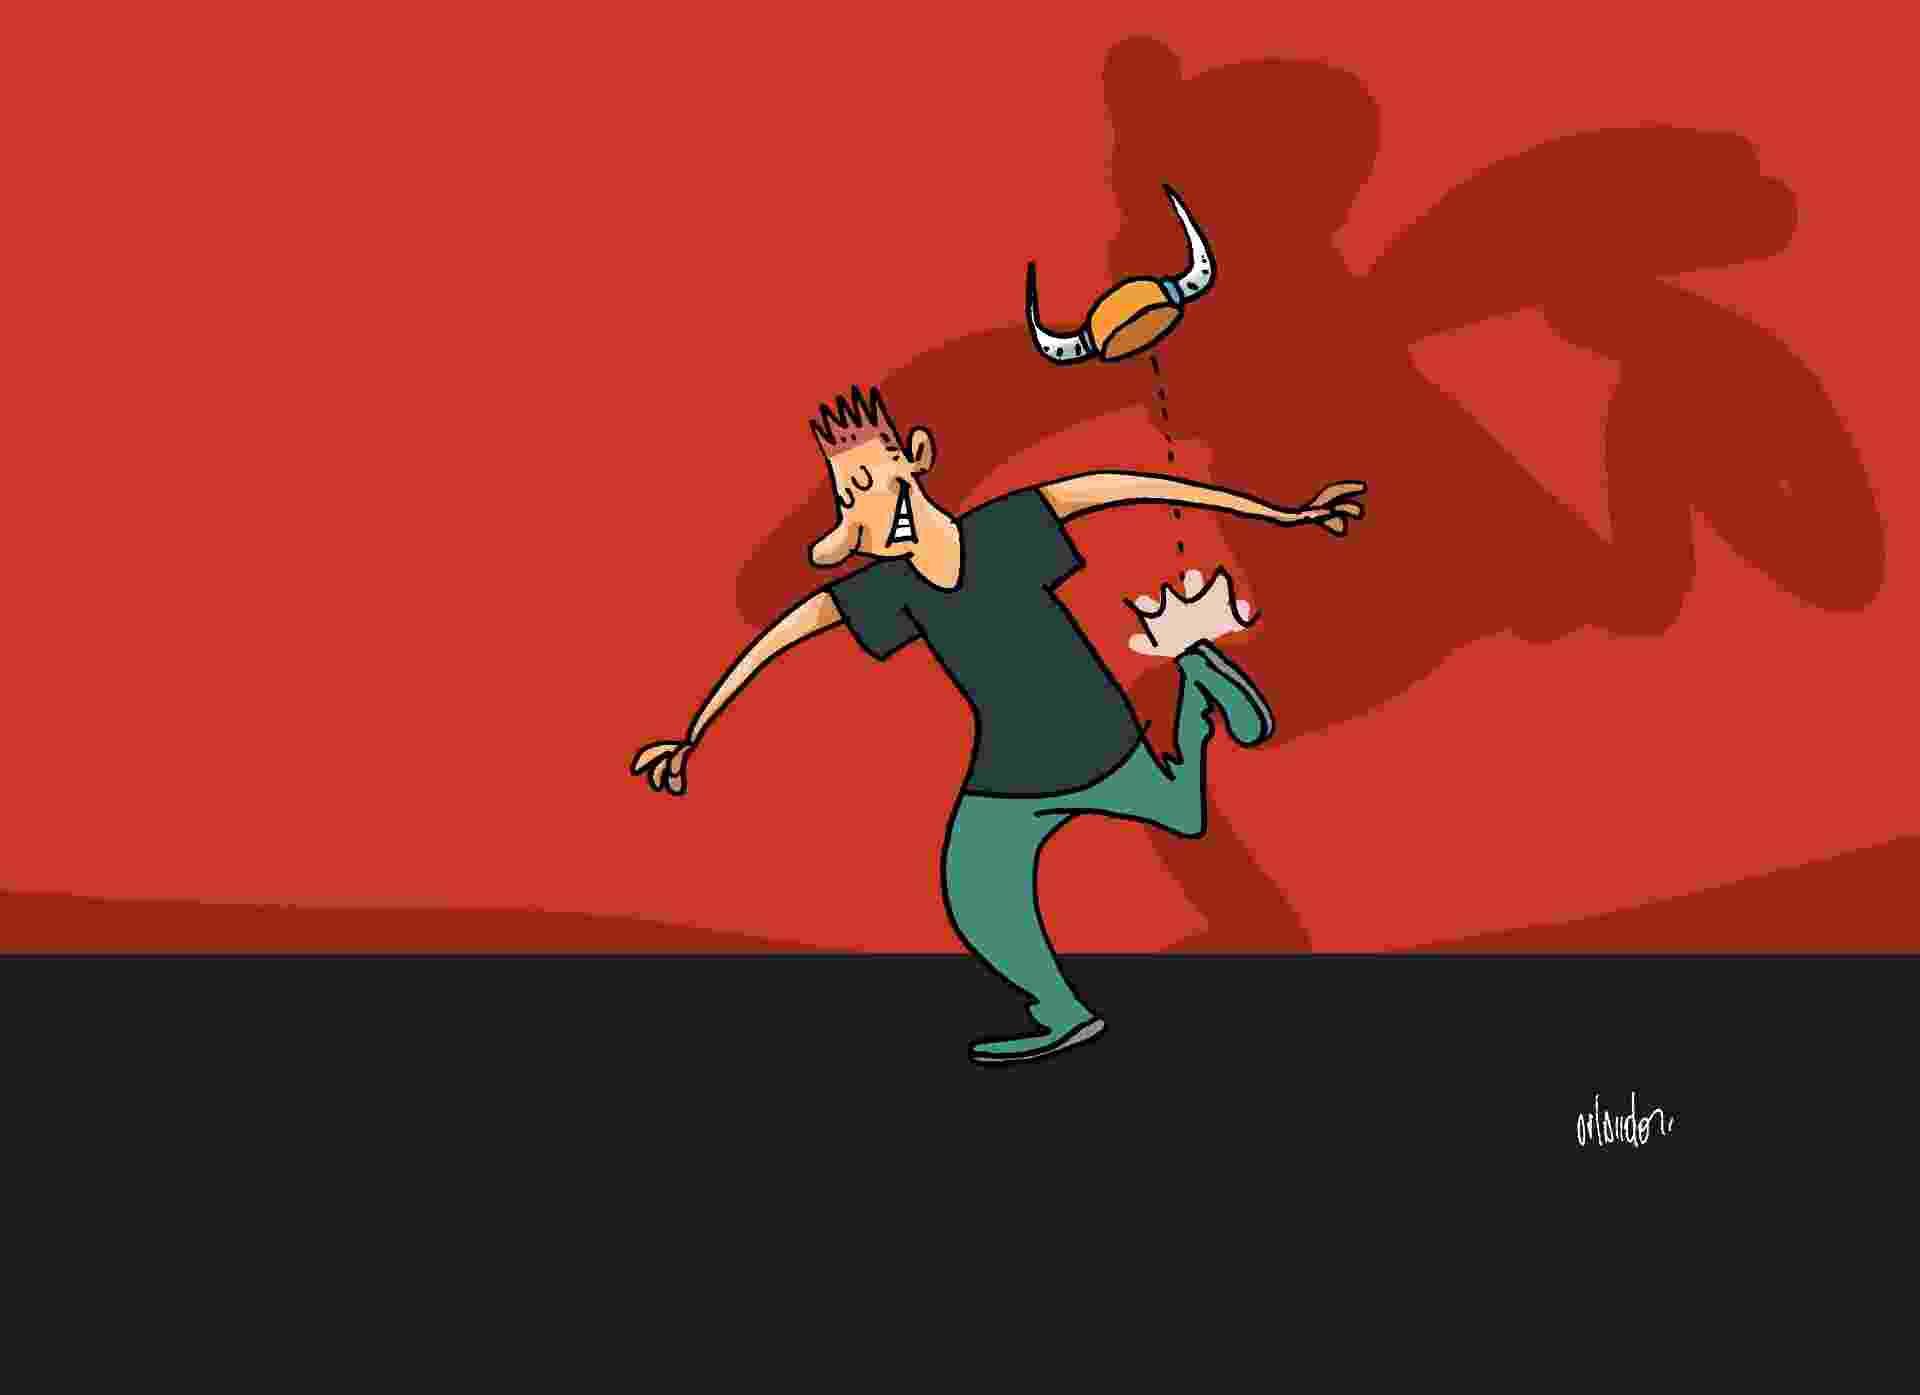 """Os casais têm acordos ?explicitamente combinados ou implícitos? que regem a relação. No entanto, algumas circunstâncias do dia a dia podem colocar o relacionamento à prova sob o peso da palavra """"traição"""", mas não deveriam. Veja, a seguir, dez situações que não deveriam ser levadas tão a sério. Por Heloísa Noronha, do UOL, em São Paulo - Orlando/UOL"""